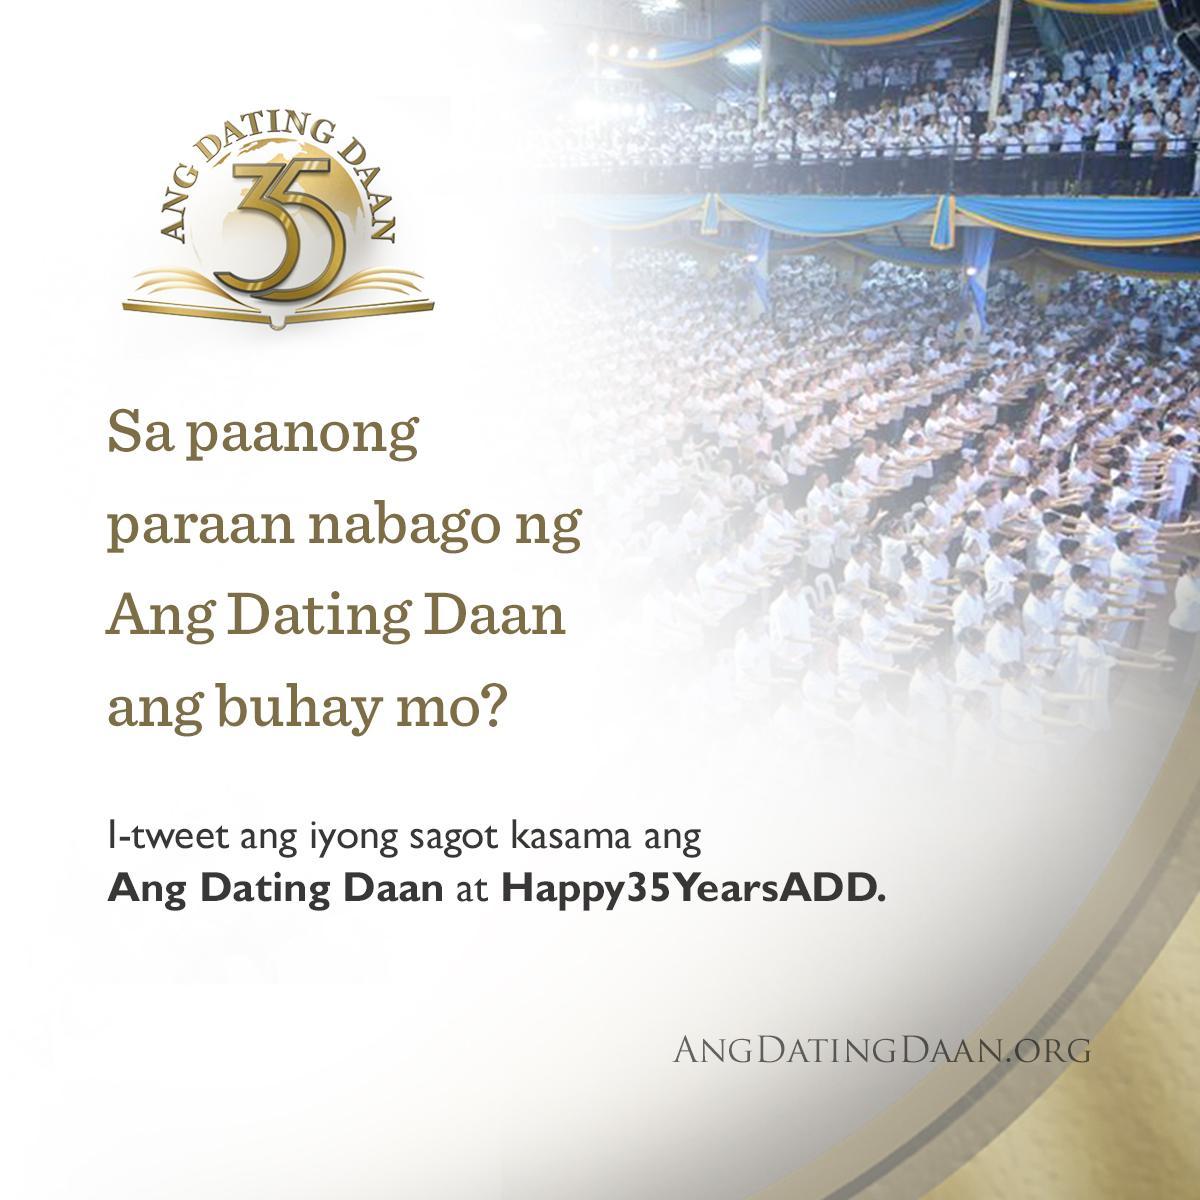 Ang dating Daan Iloilo City Hva er vitsen med dating sites